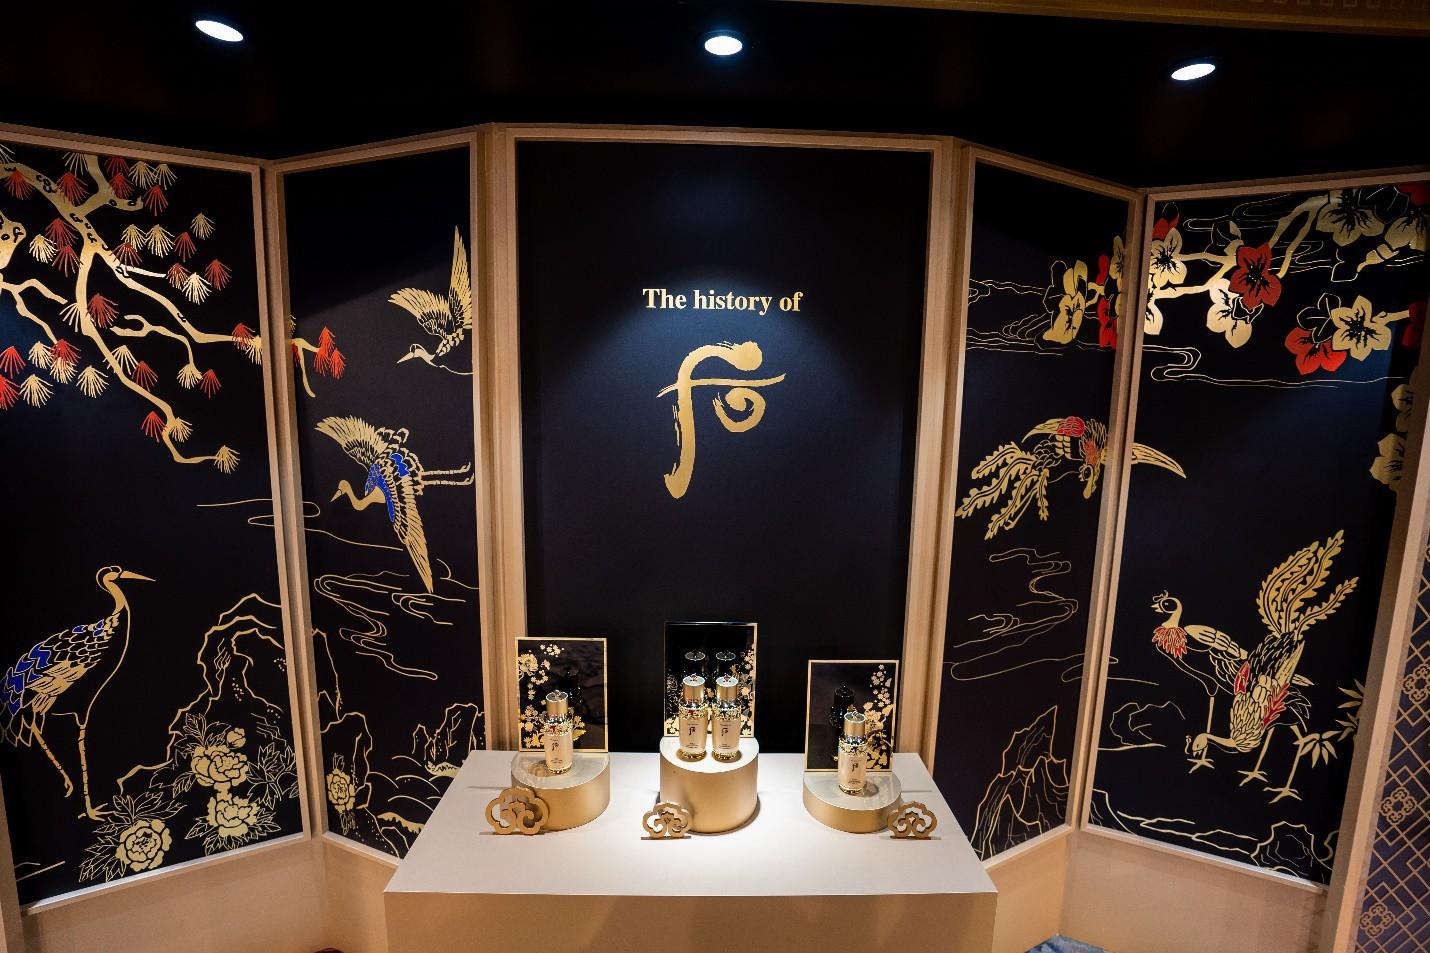 Choáng ngợp trước sự kiện toàn cầu lộng lẫy xa hoa của The history of Whoo tại Thượng Hải - Ảnh 4.